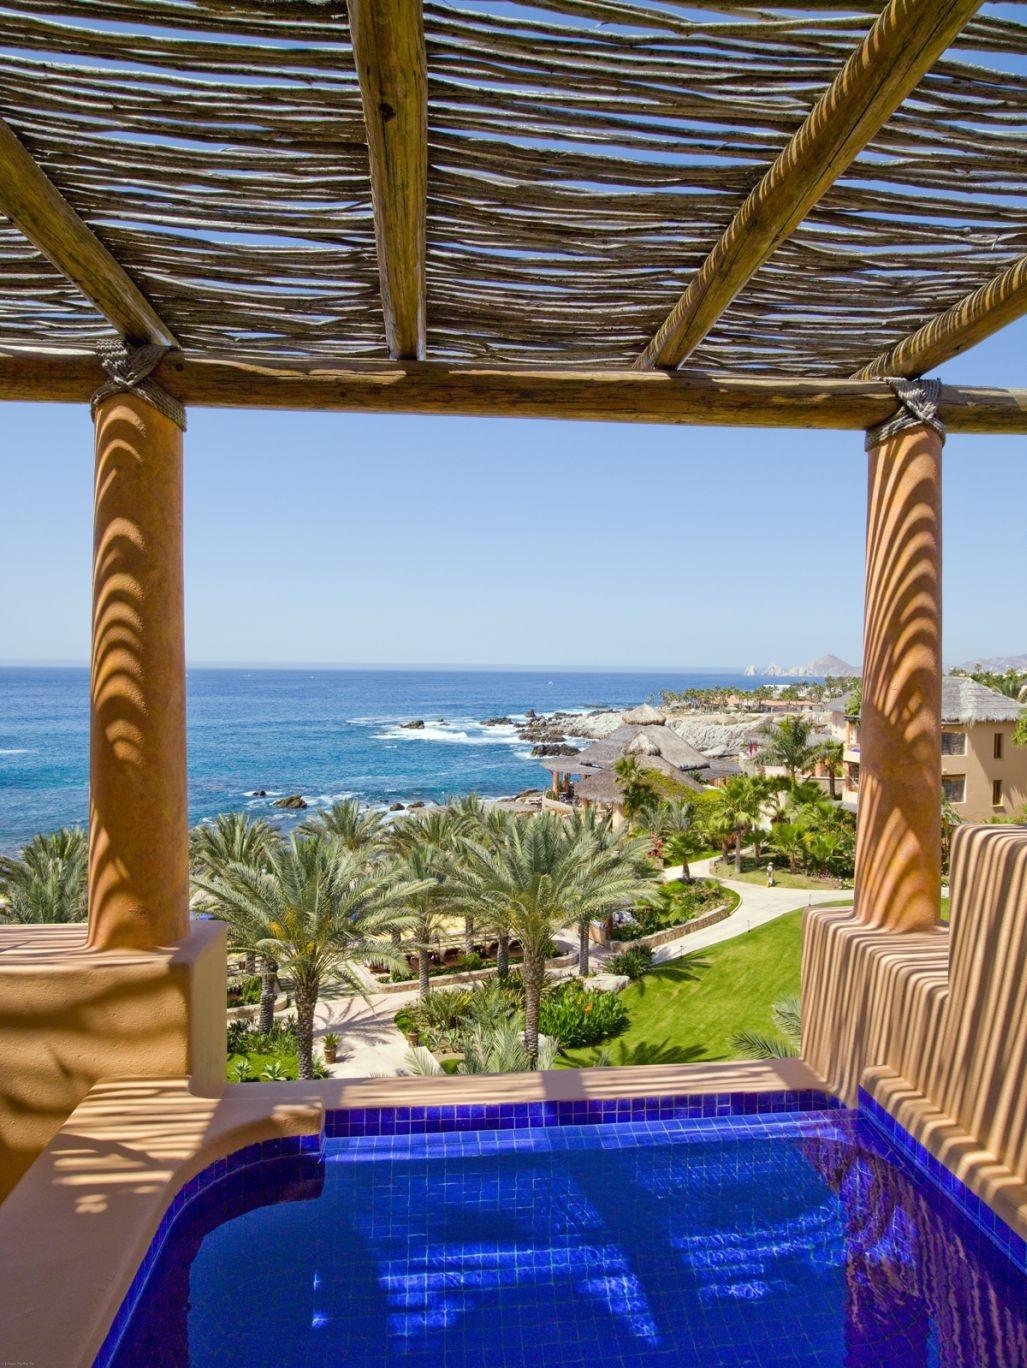 Breathtaking Hot Tub Views!